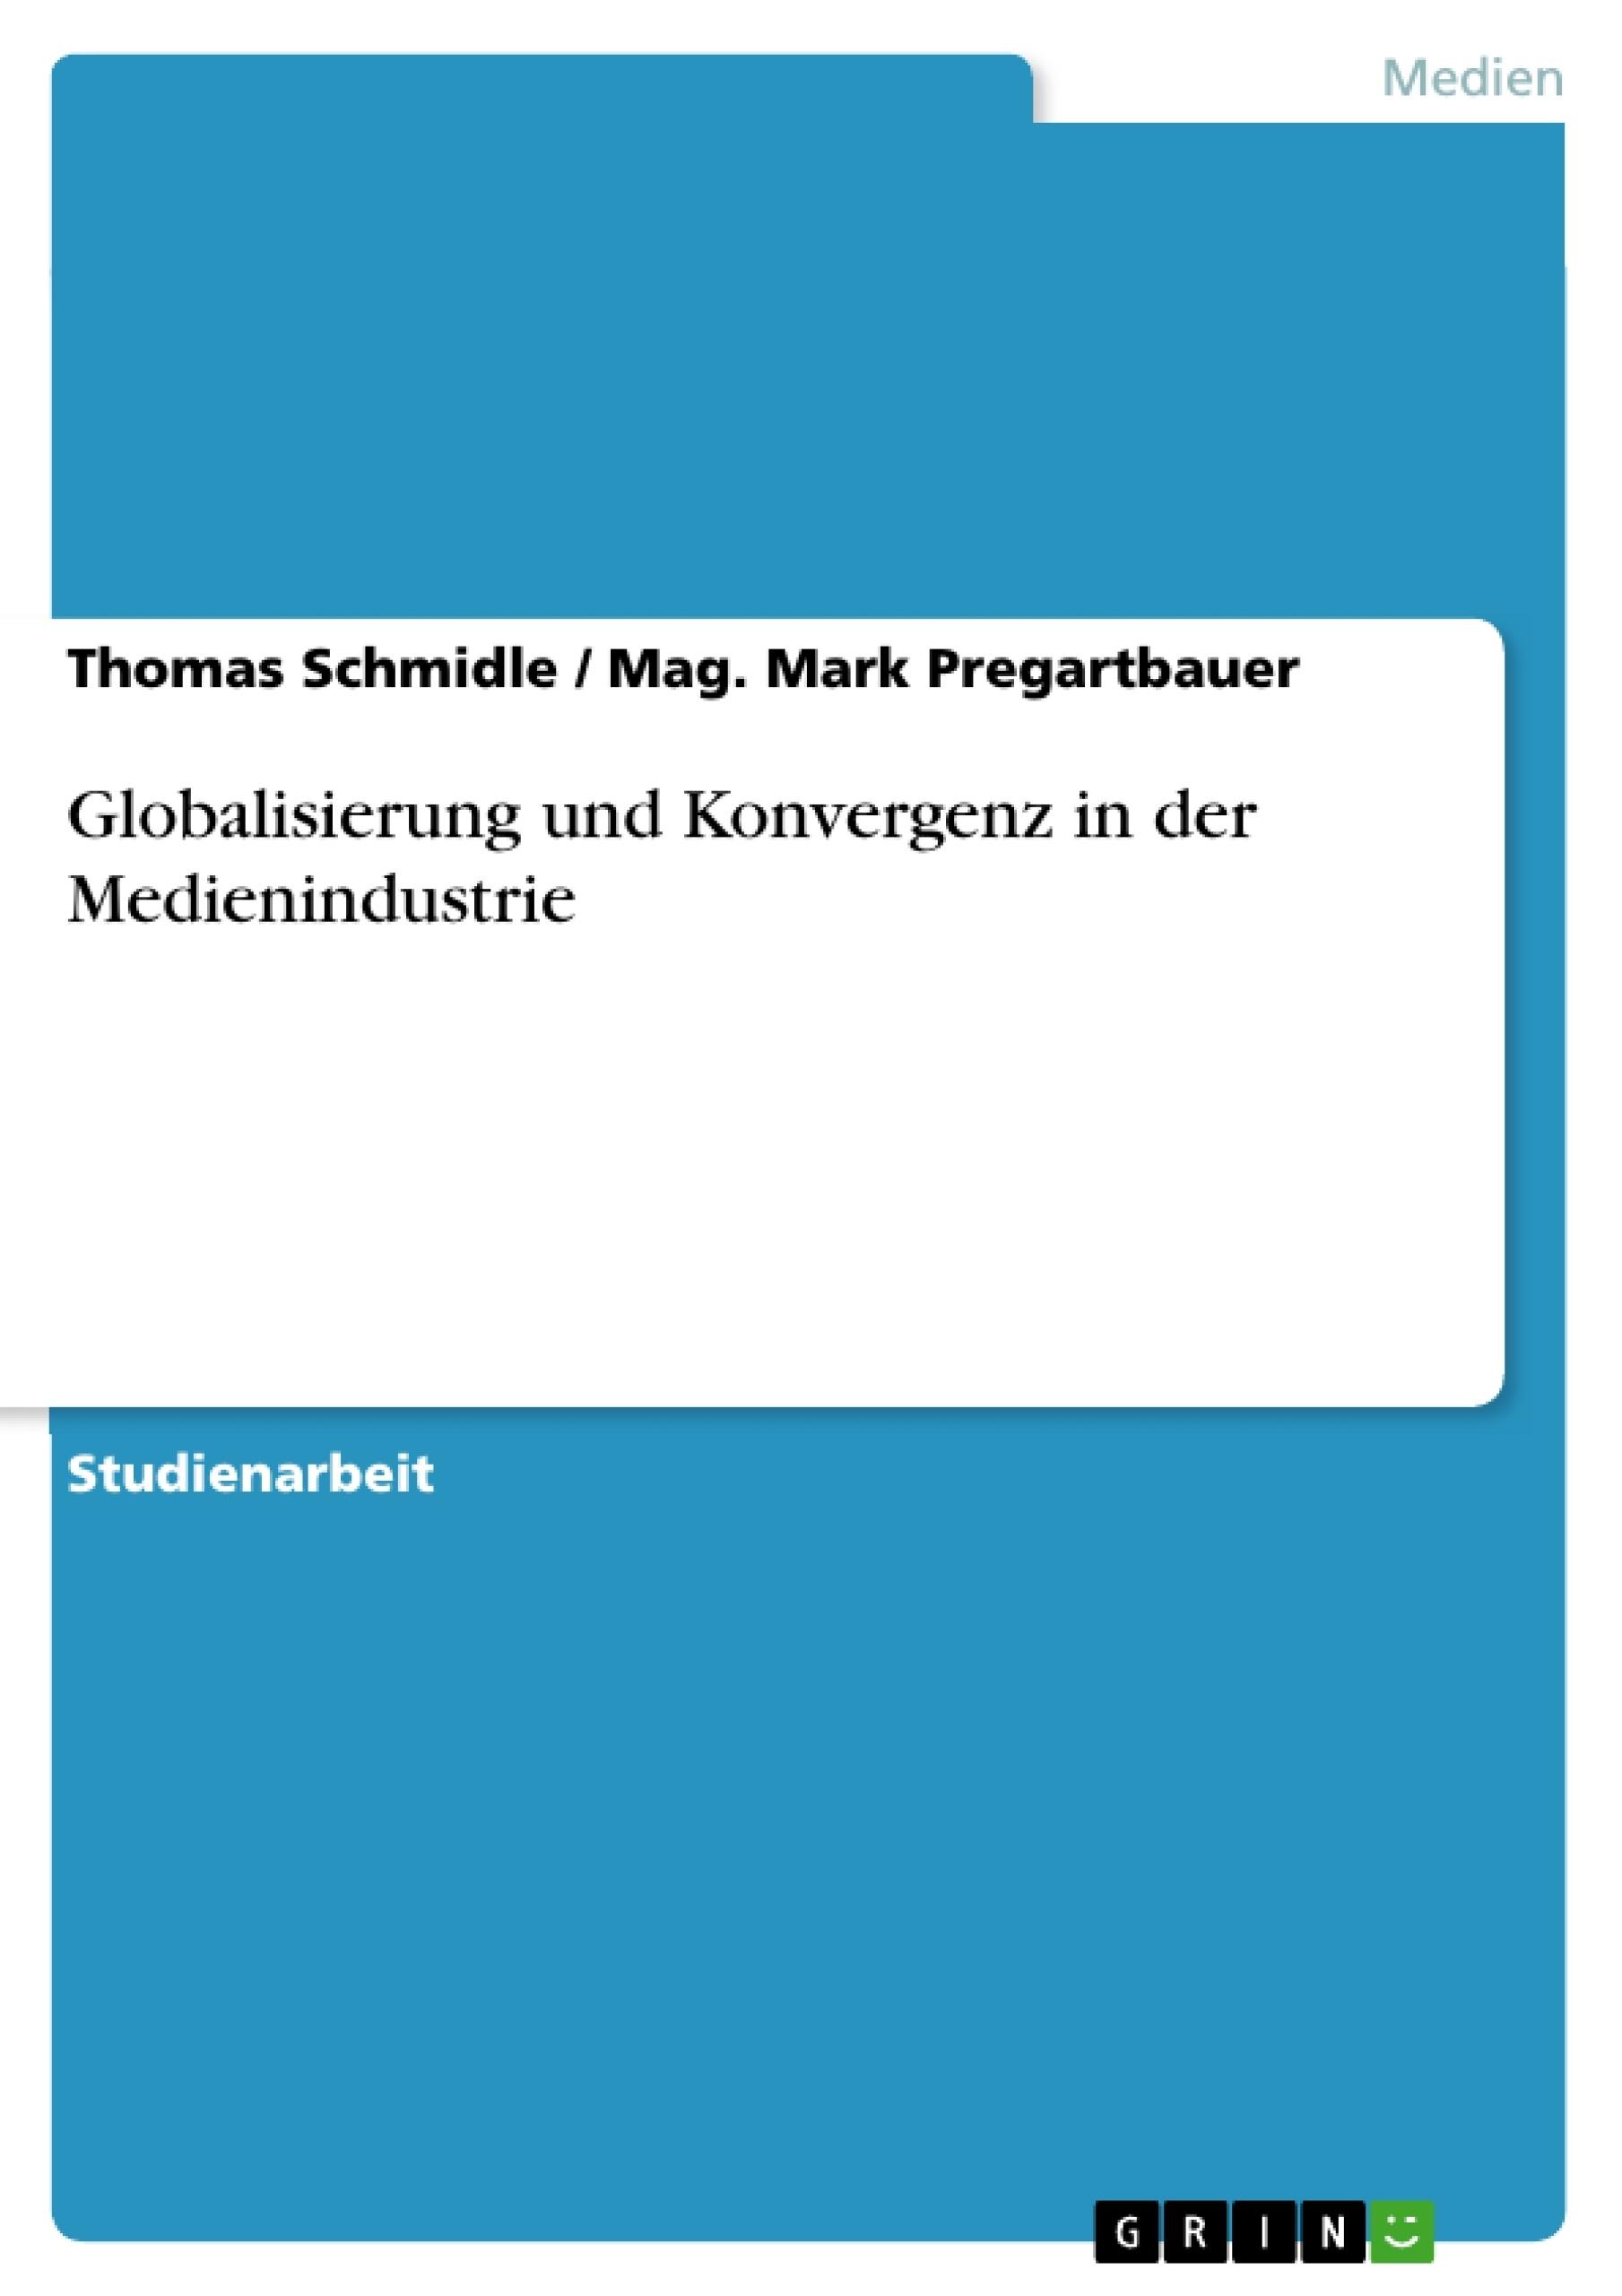 Titel: Globalisierung und Konvergenz in der Medienindustrie